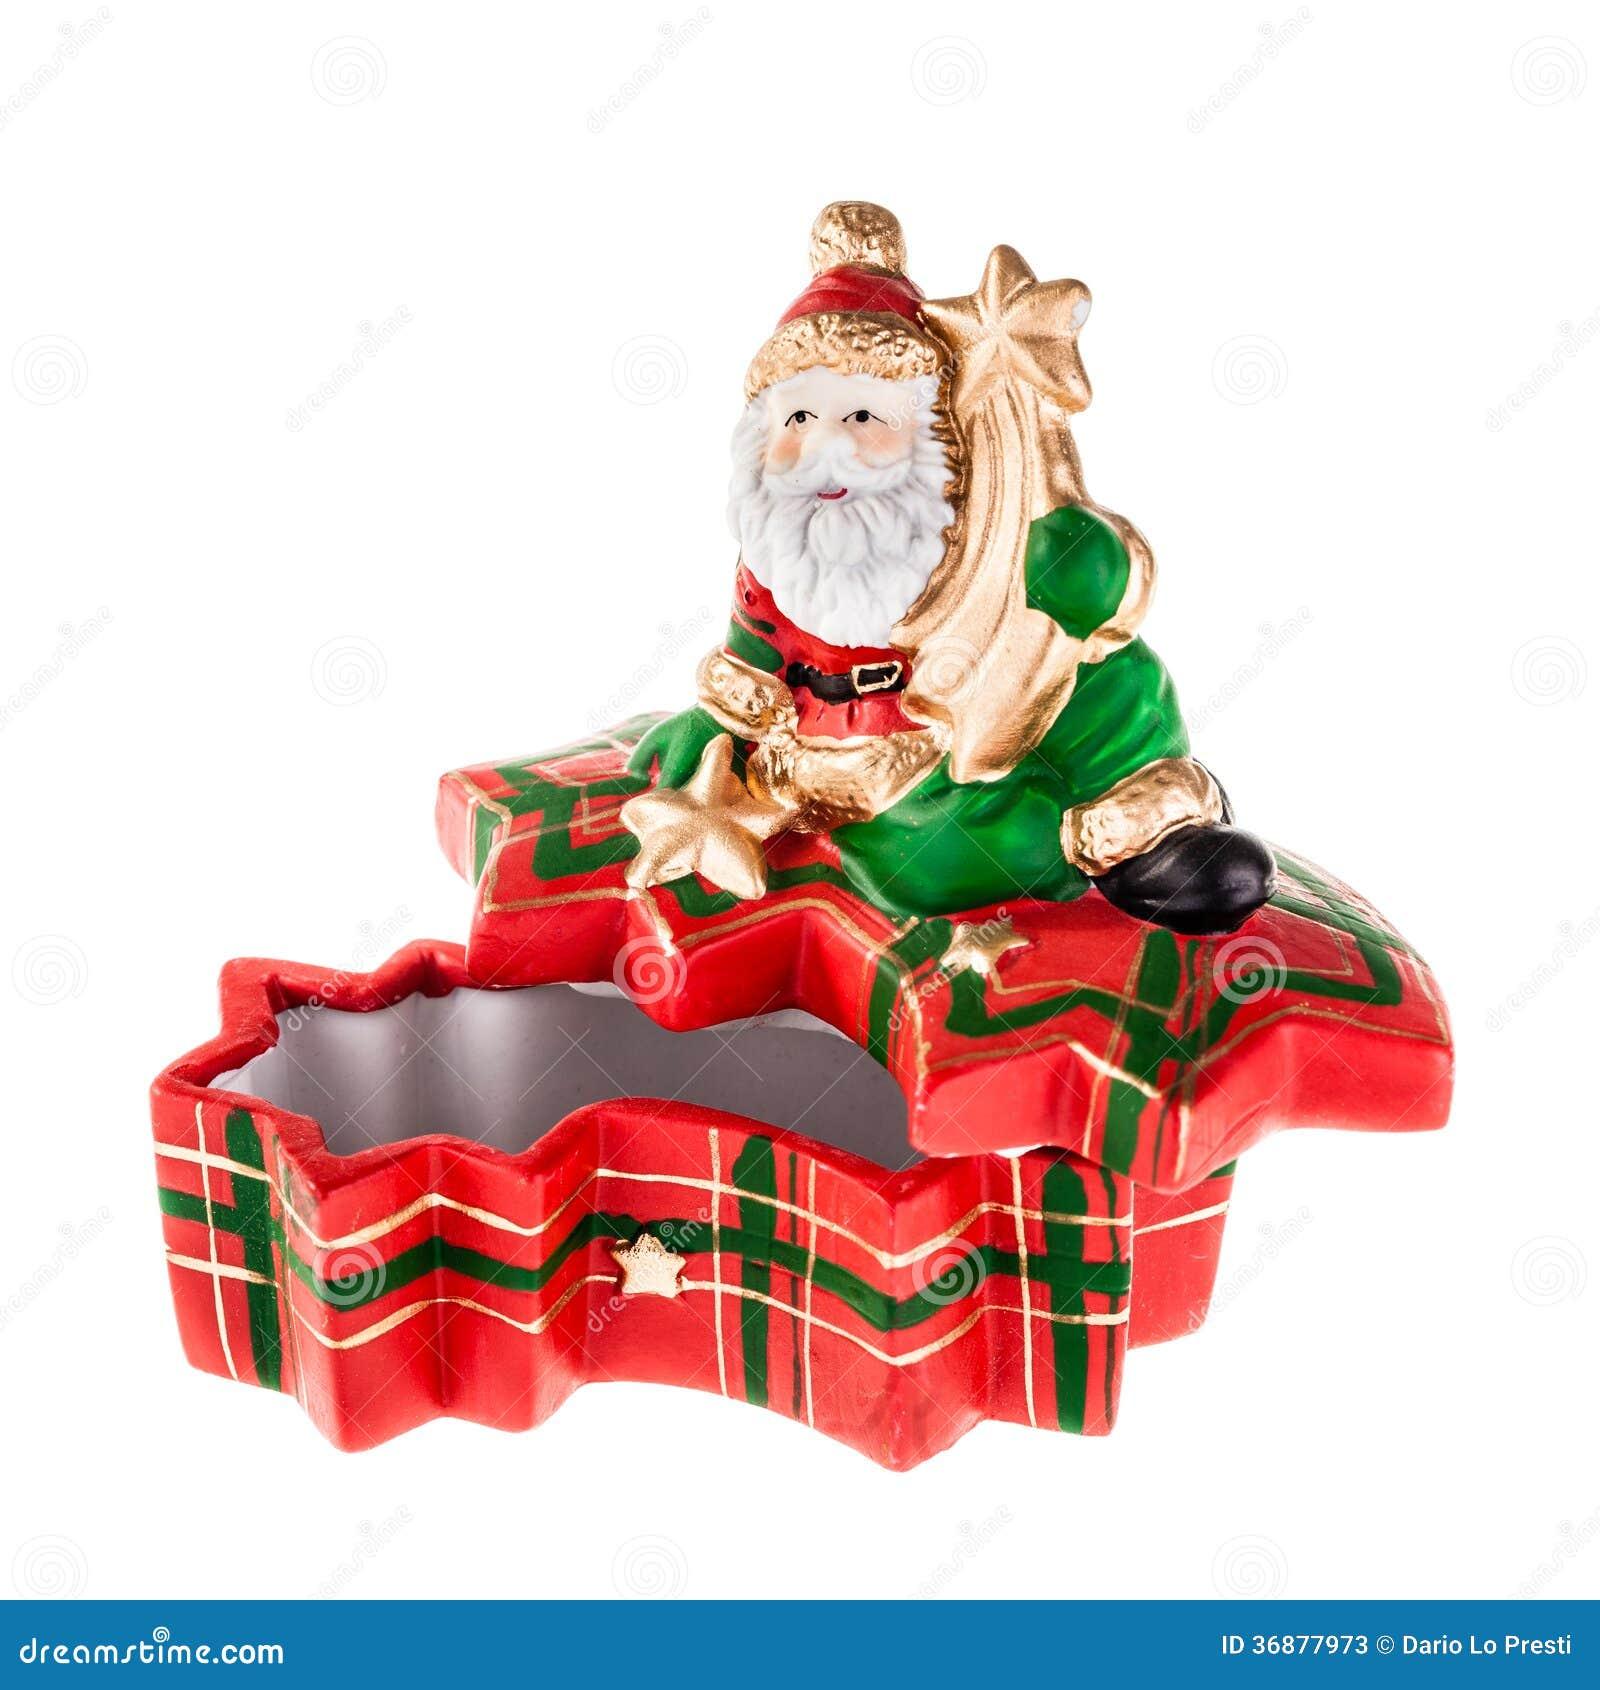 Download Scatola di Natale immagine stock. Immagine di divertente - 36877973